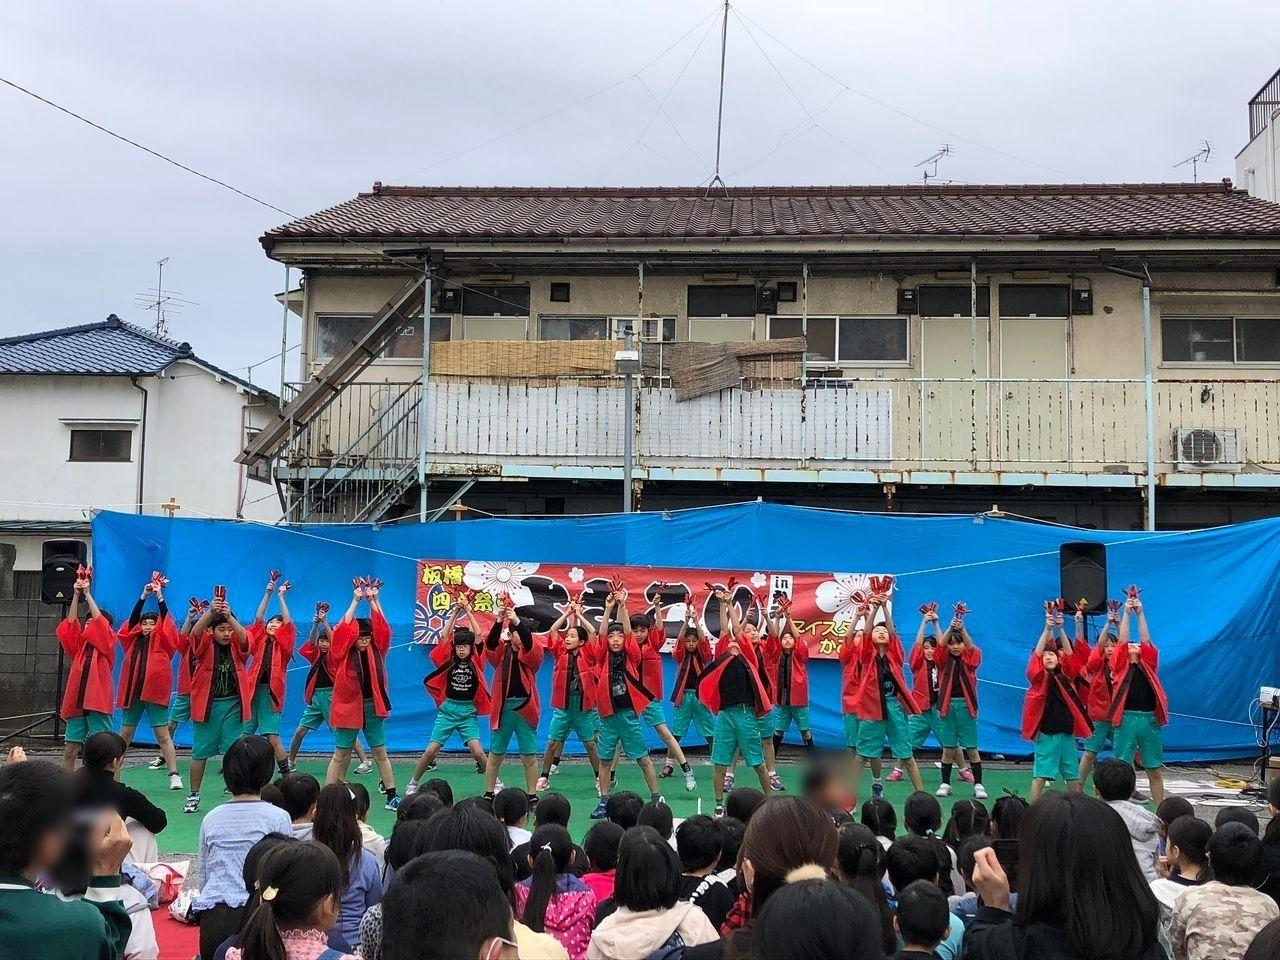 中台小学校児童たちの踊り